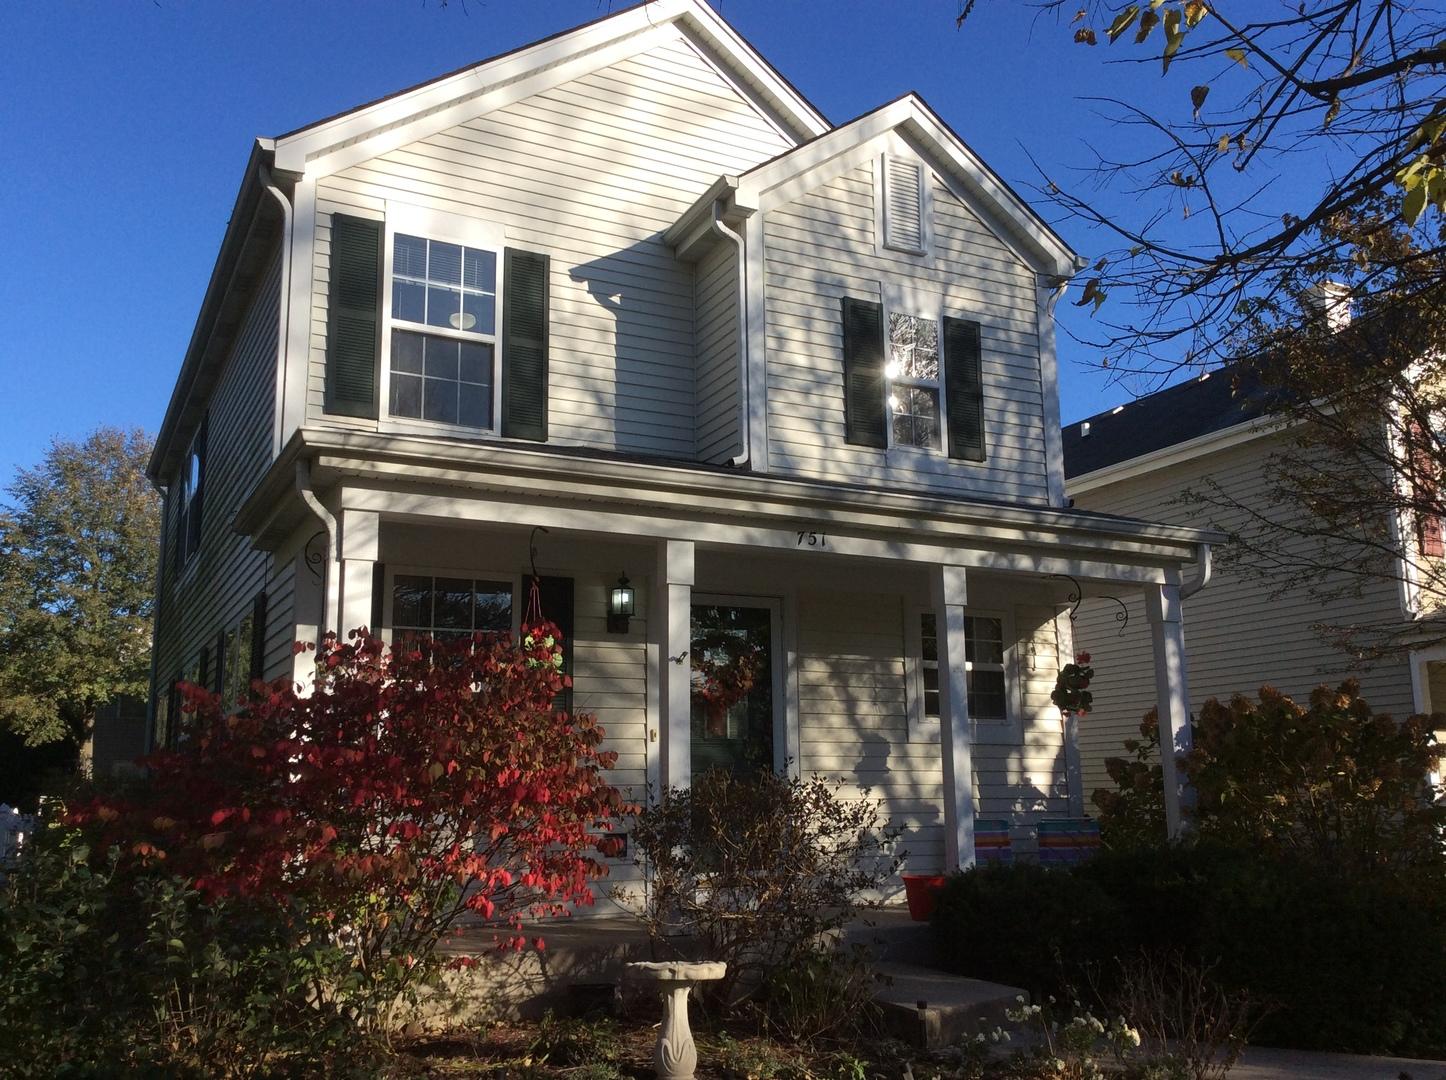 751 Manor ,Crystal Lake, Illinois 60014